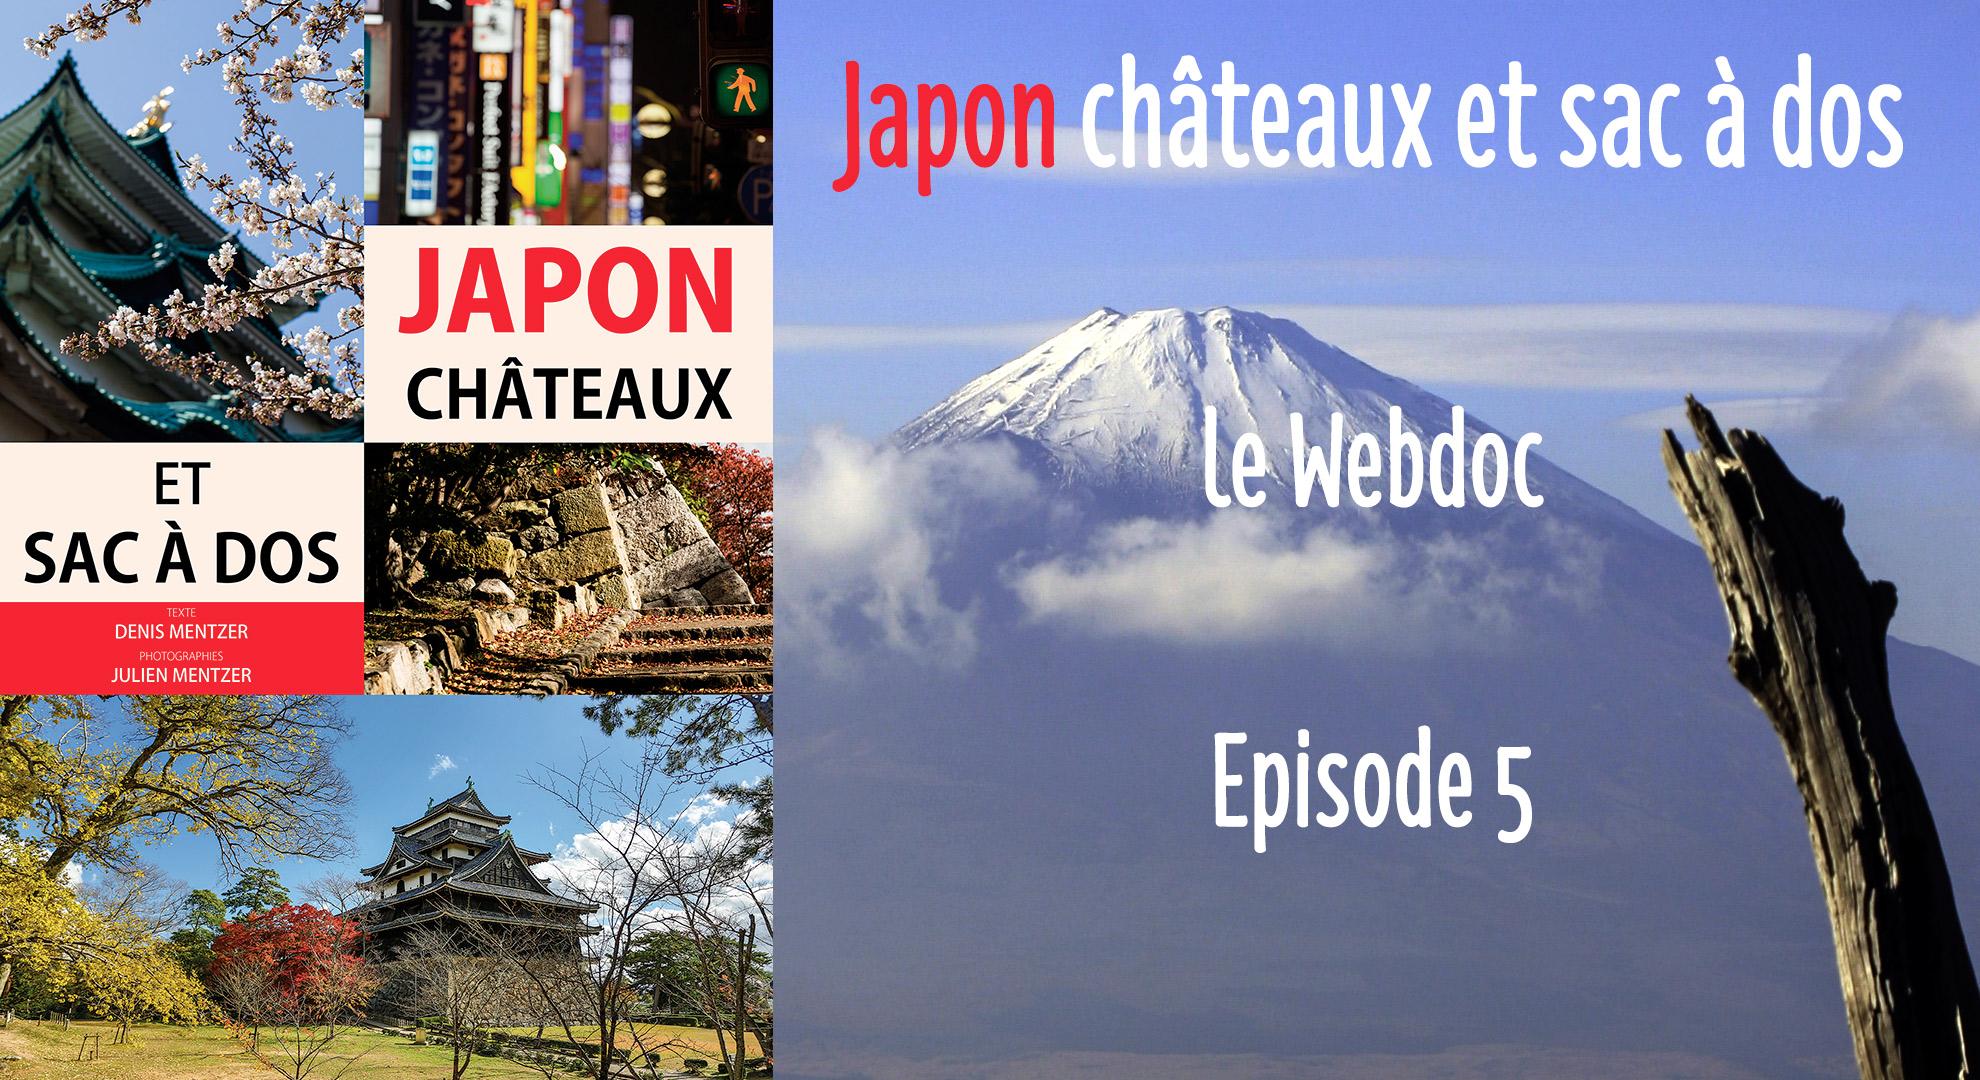 L'épisode 5 de «Japon châteaux et sac à dos» est là !